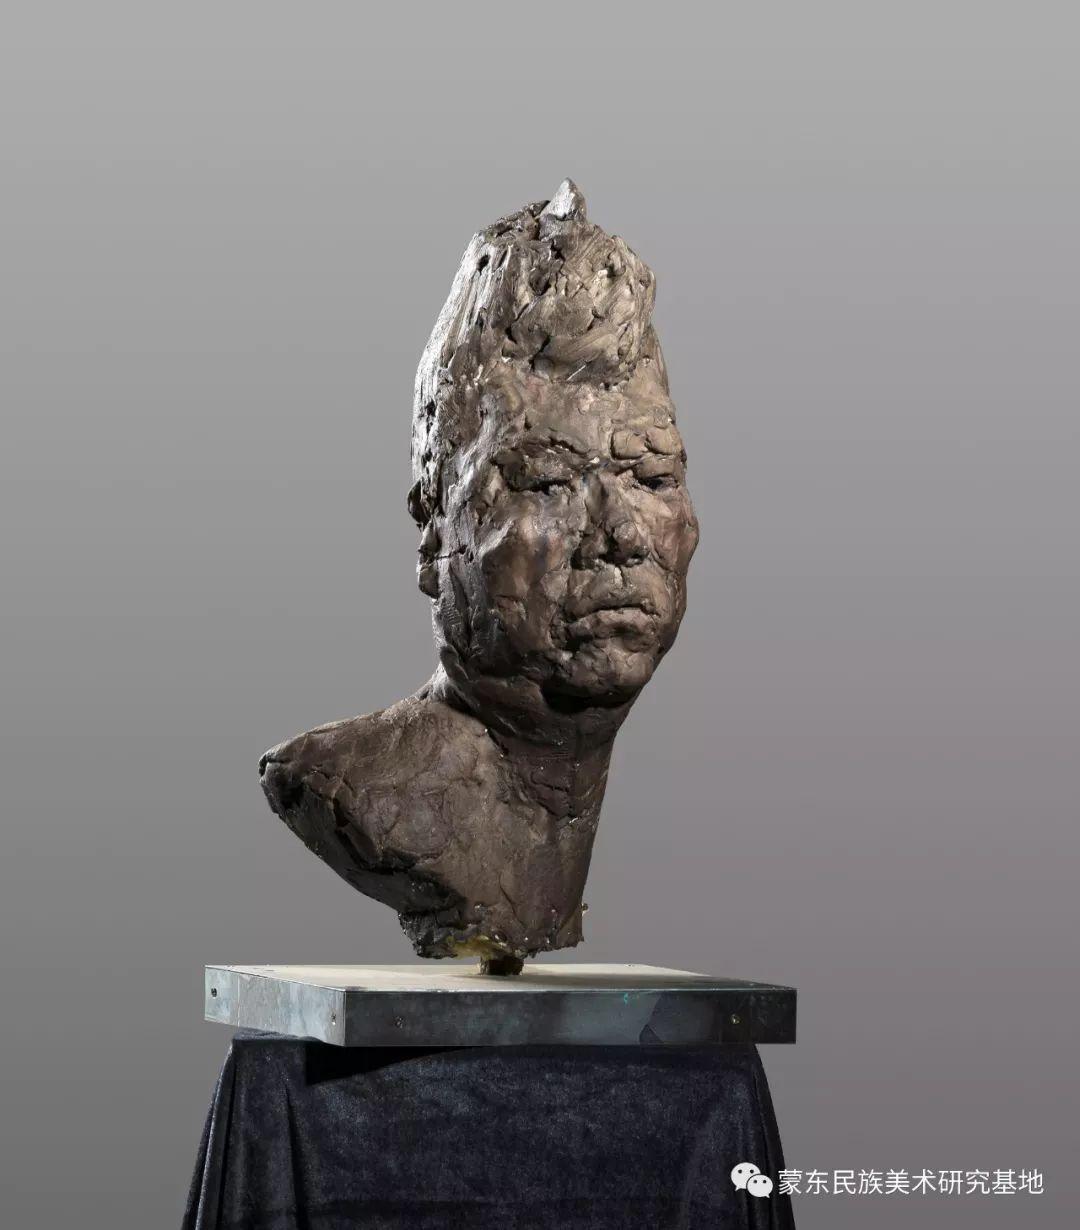 包格日乐吐作品——头像雕塑系列(一) 第2张 包格日乐吐作品——头像雕塑系列(一) 蒙古画廊